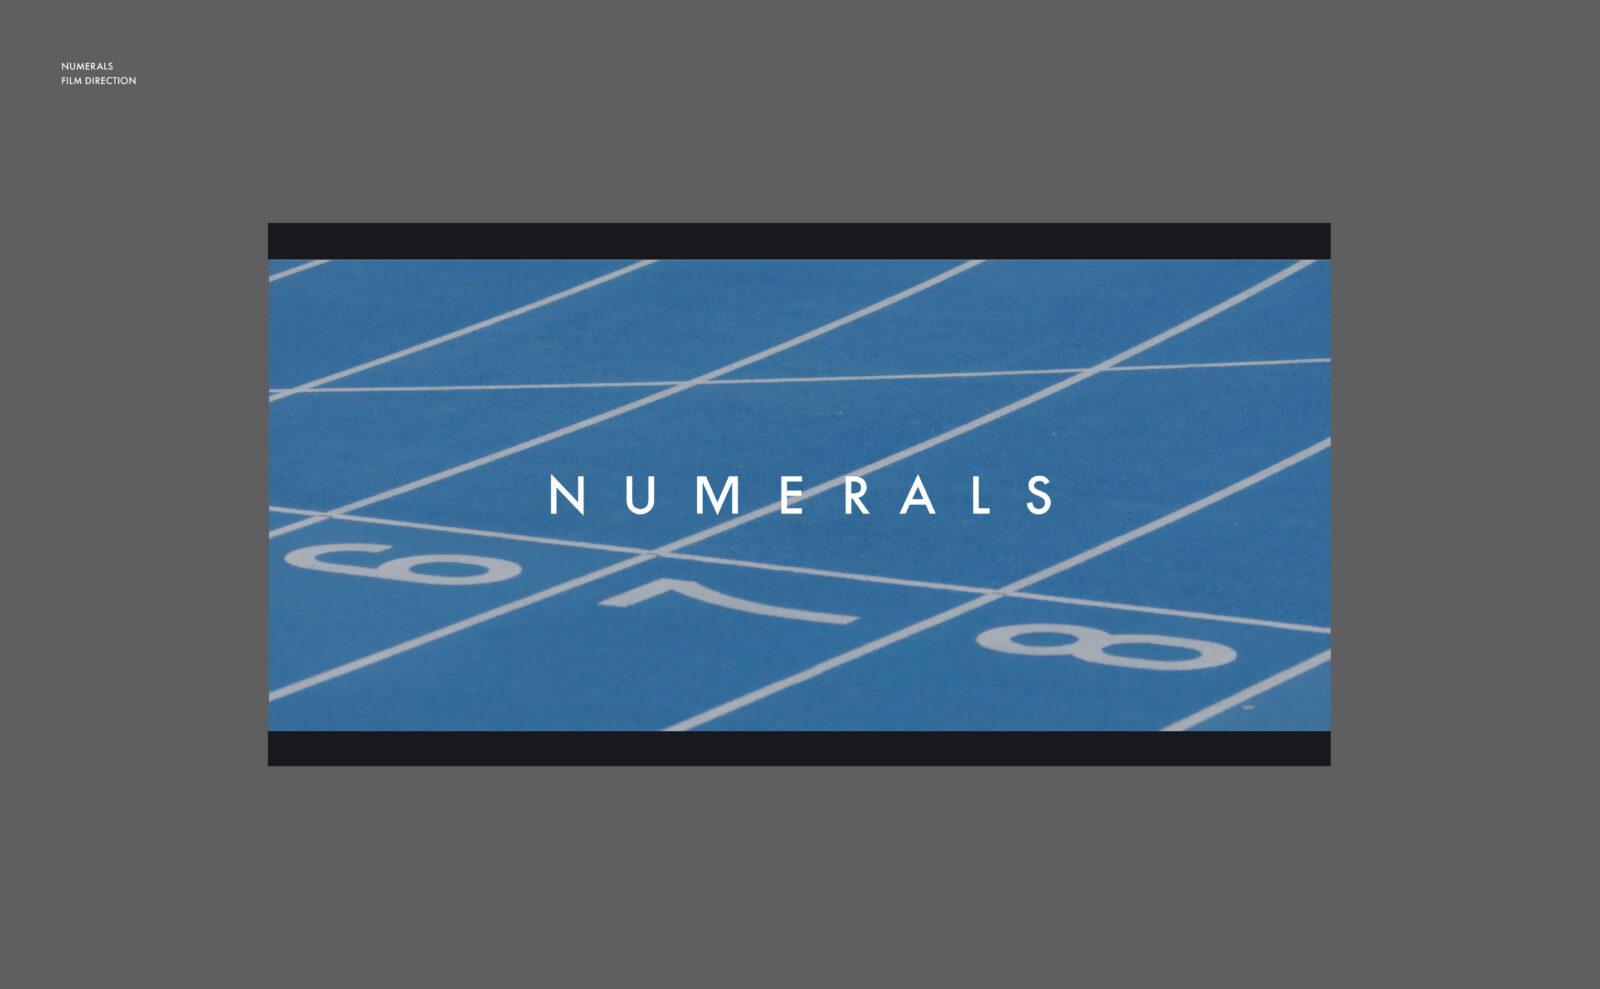 NUMERALS__-26